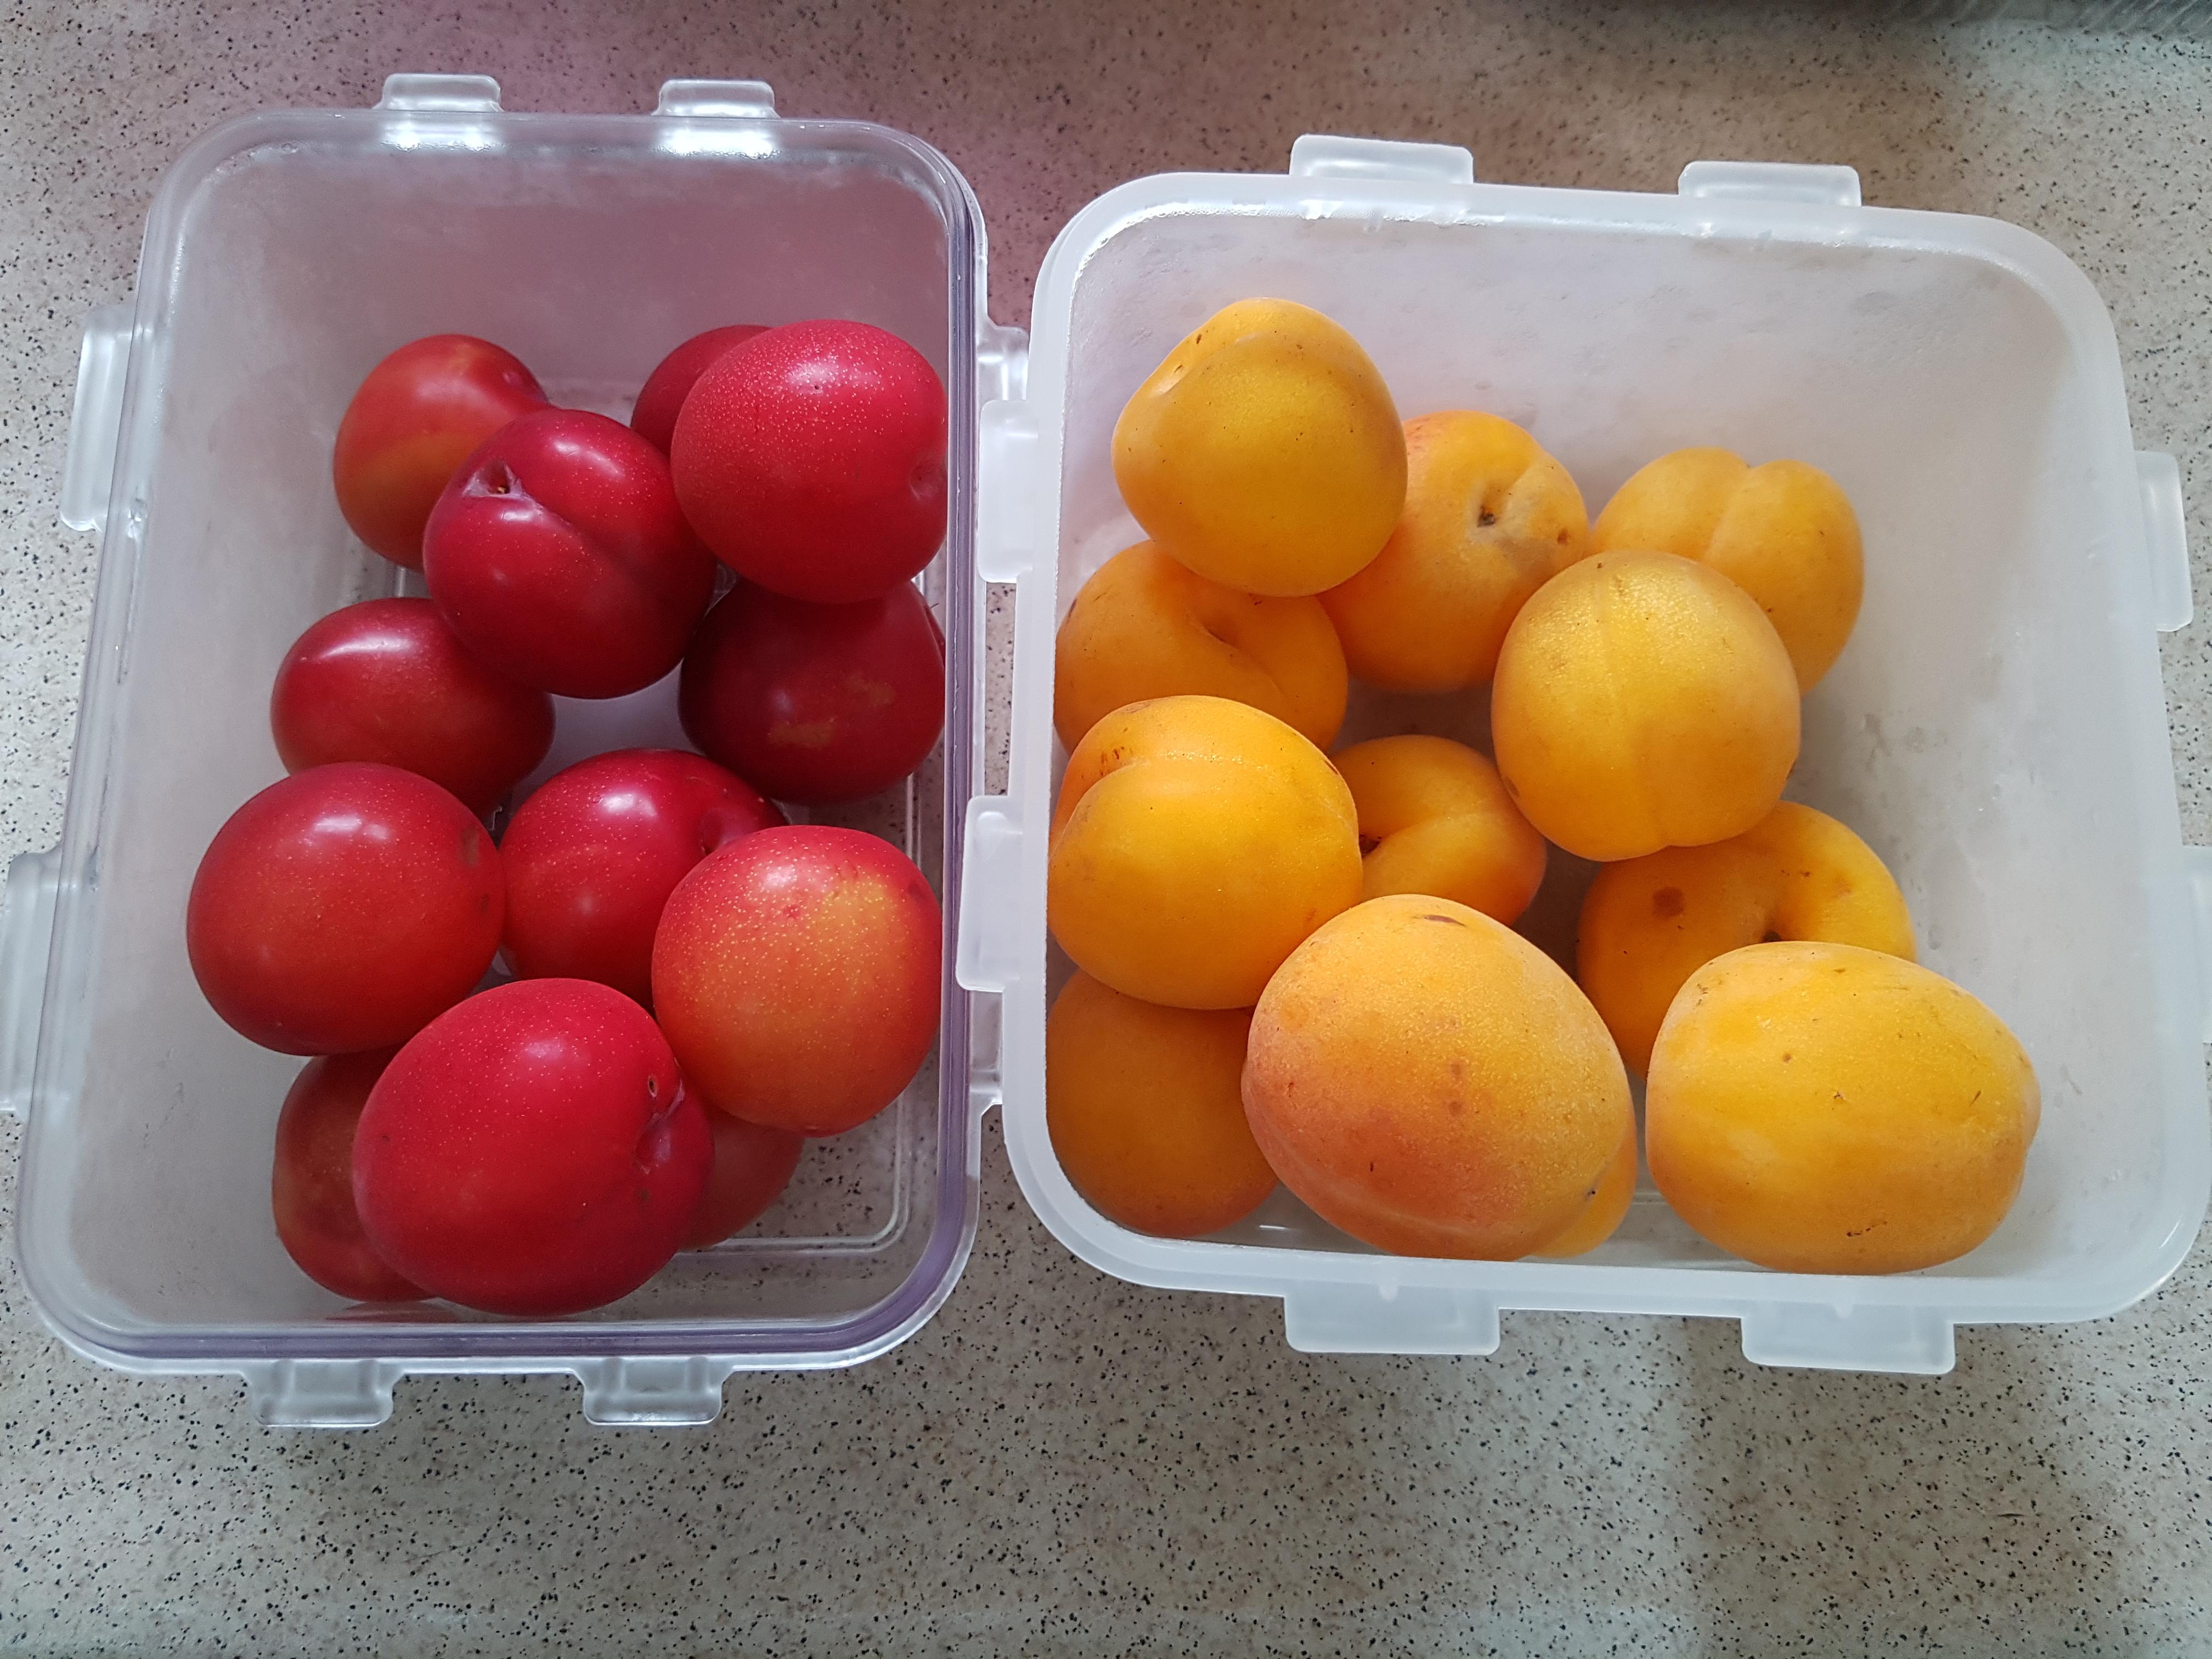 선물, 여주에서 올라온 과일과 야채